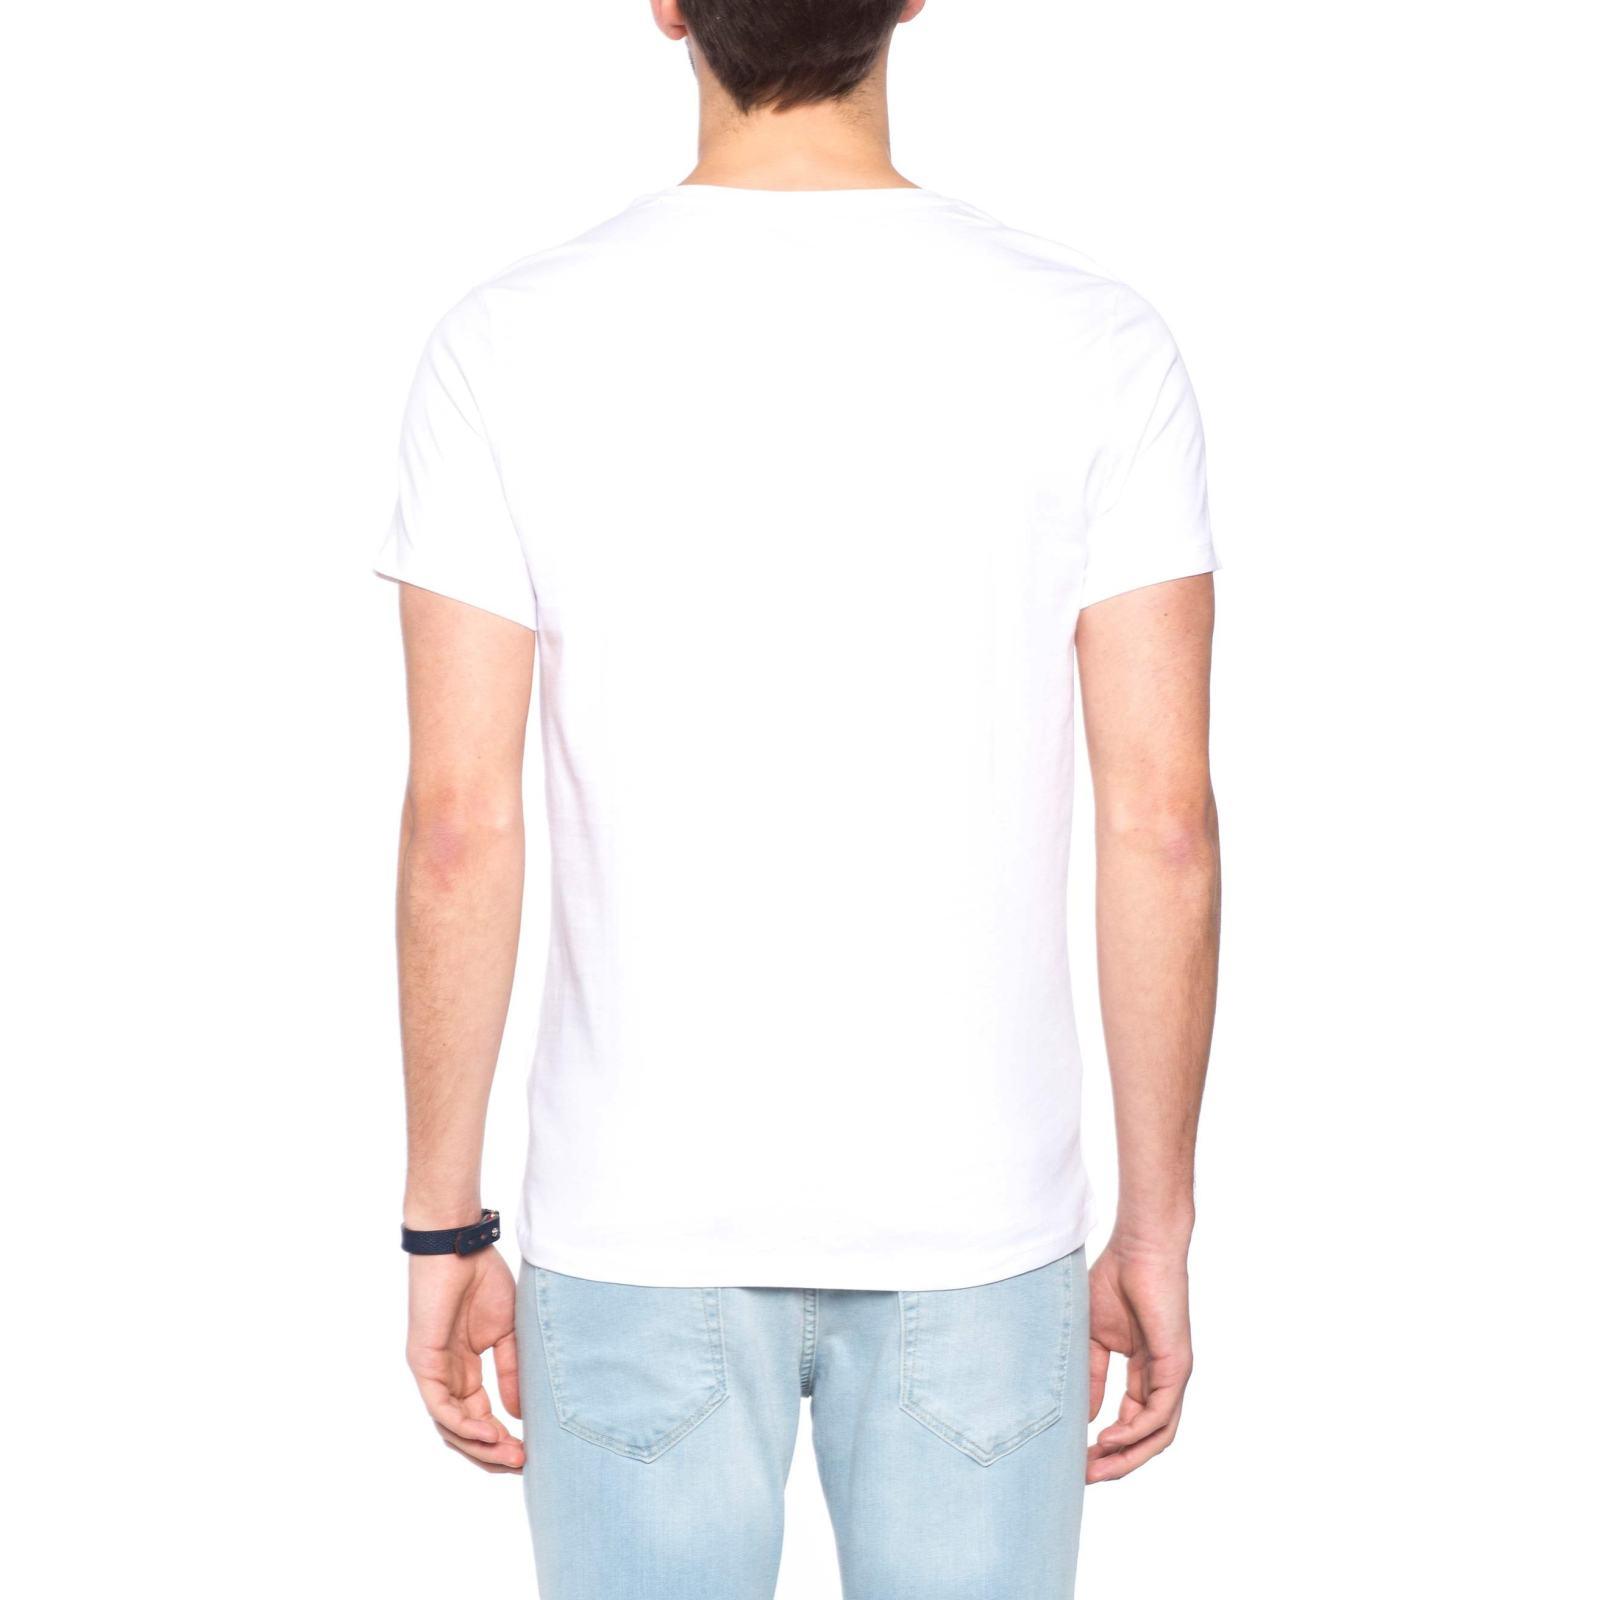 تی شرت نخی یقه گرد مردانه - ال سی وایکیکی - سفيد     - 5